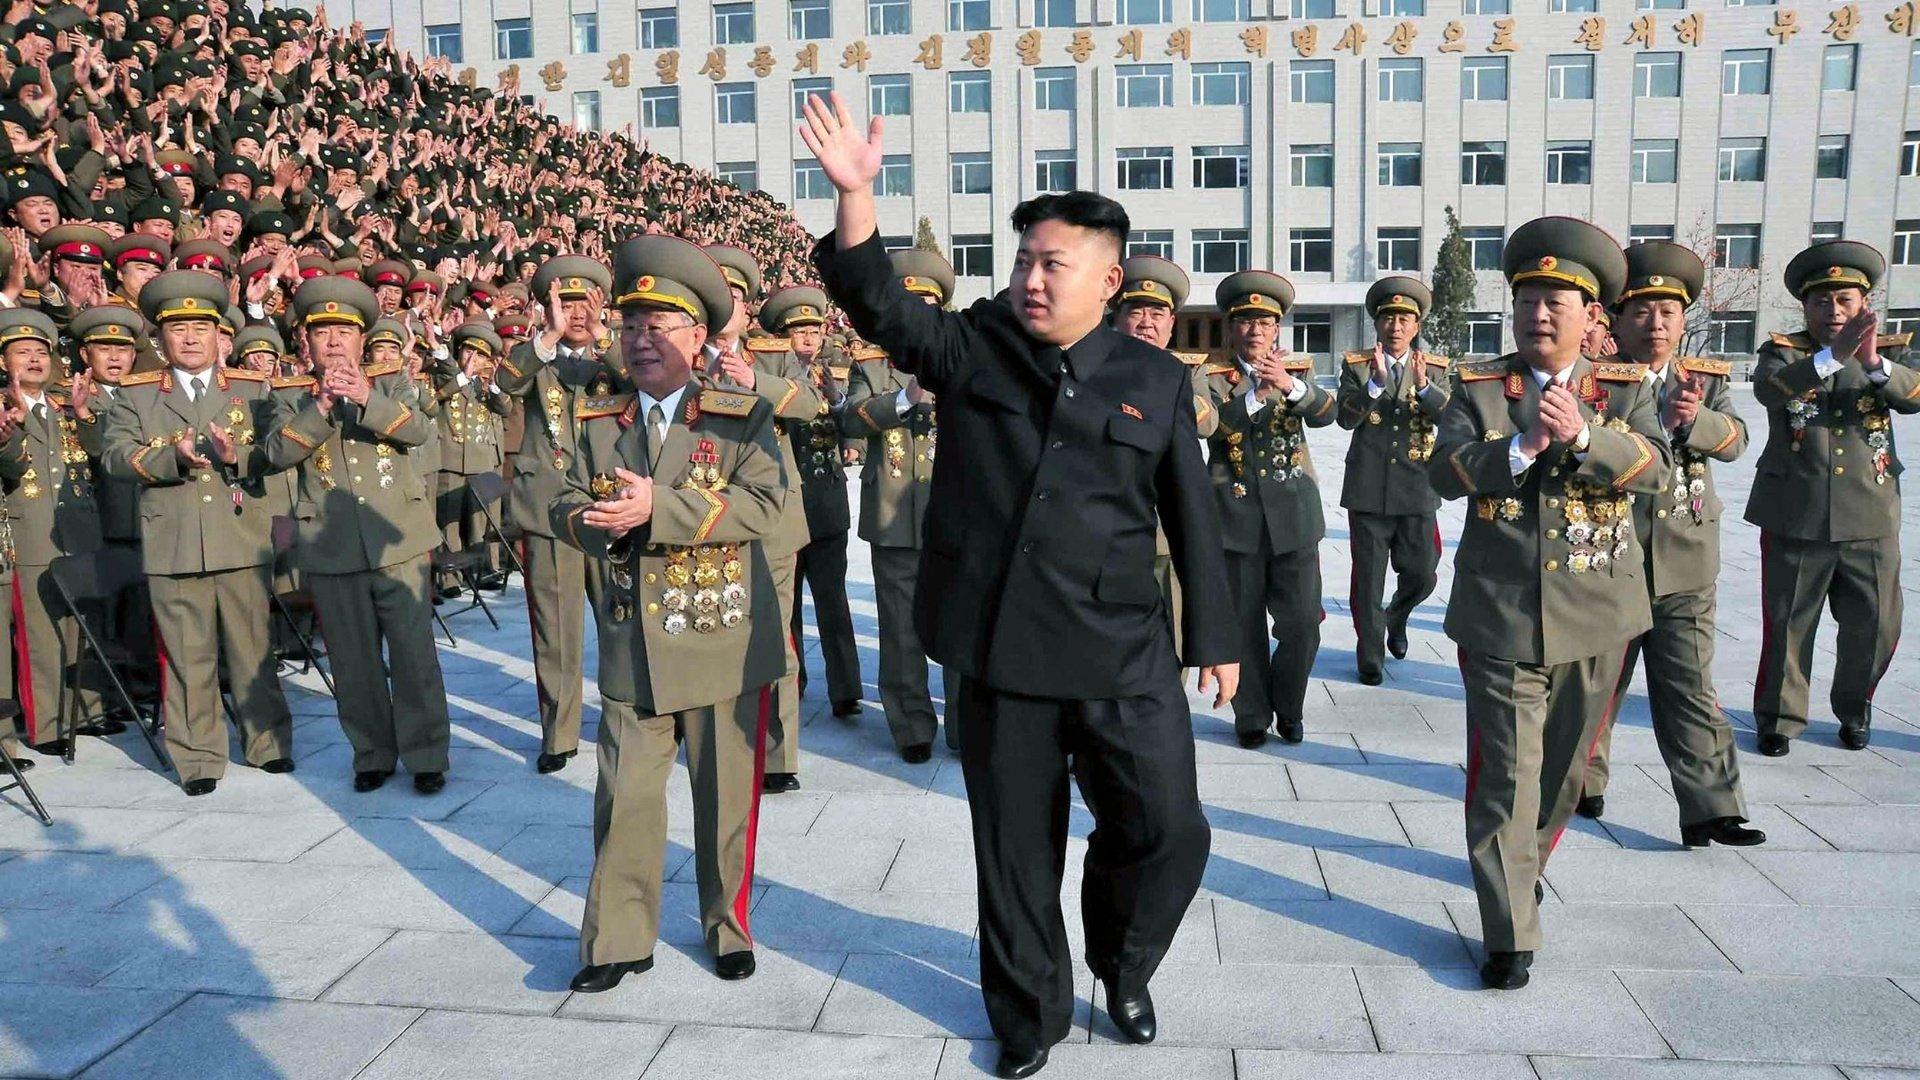 СРОЧНО! Убийство Ким Чен Ына: первые подробности мирового скандала